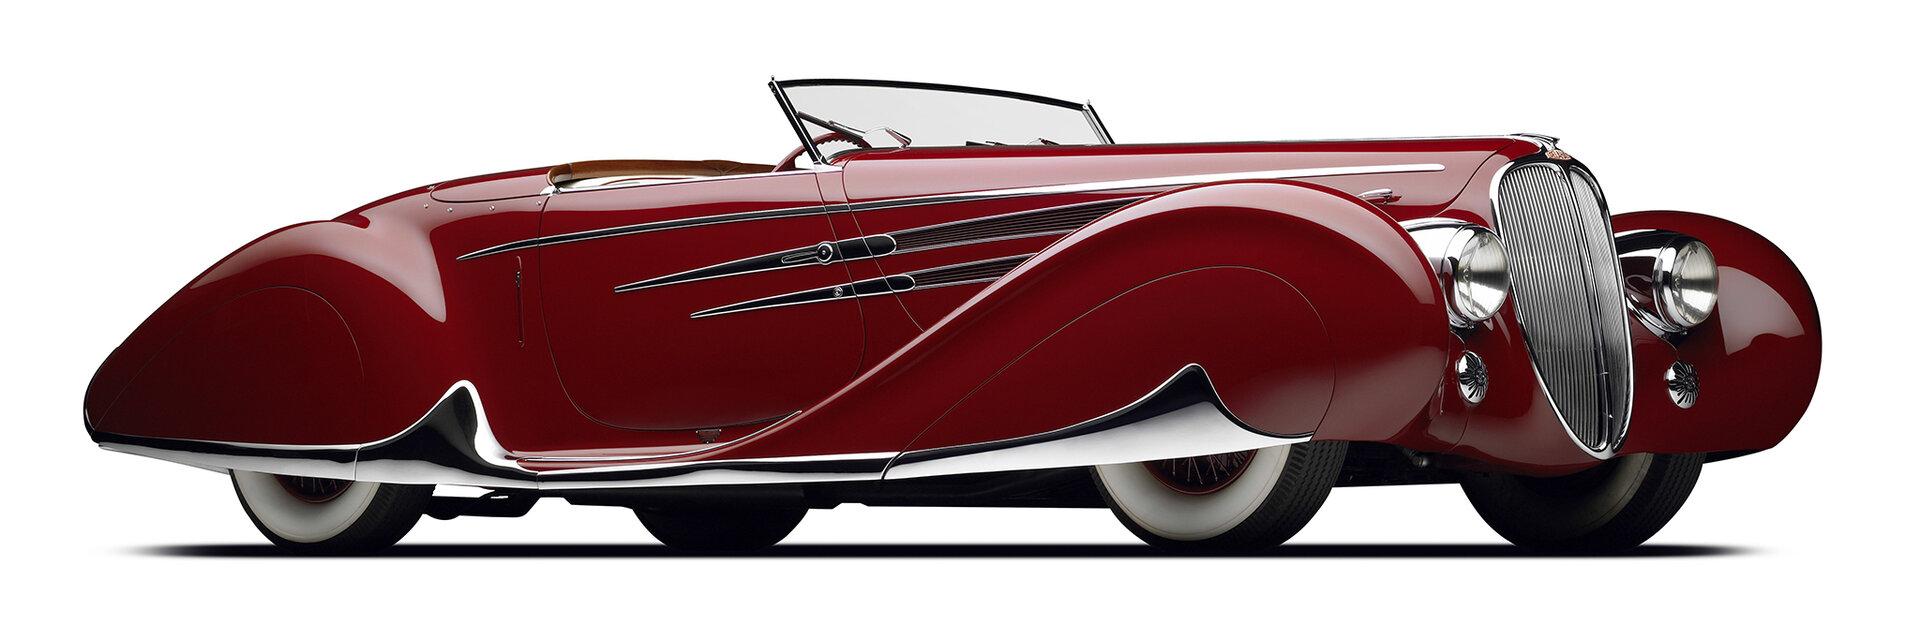 Delahaye Type 165 Cabriolet par Figoni et Falaschi 2